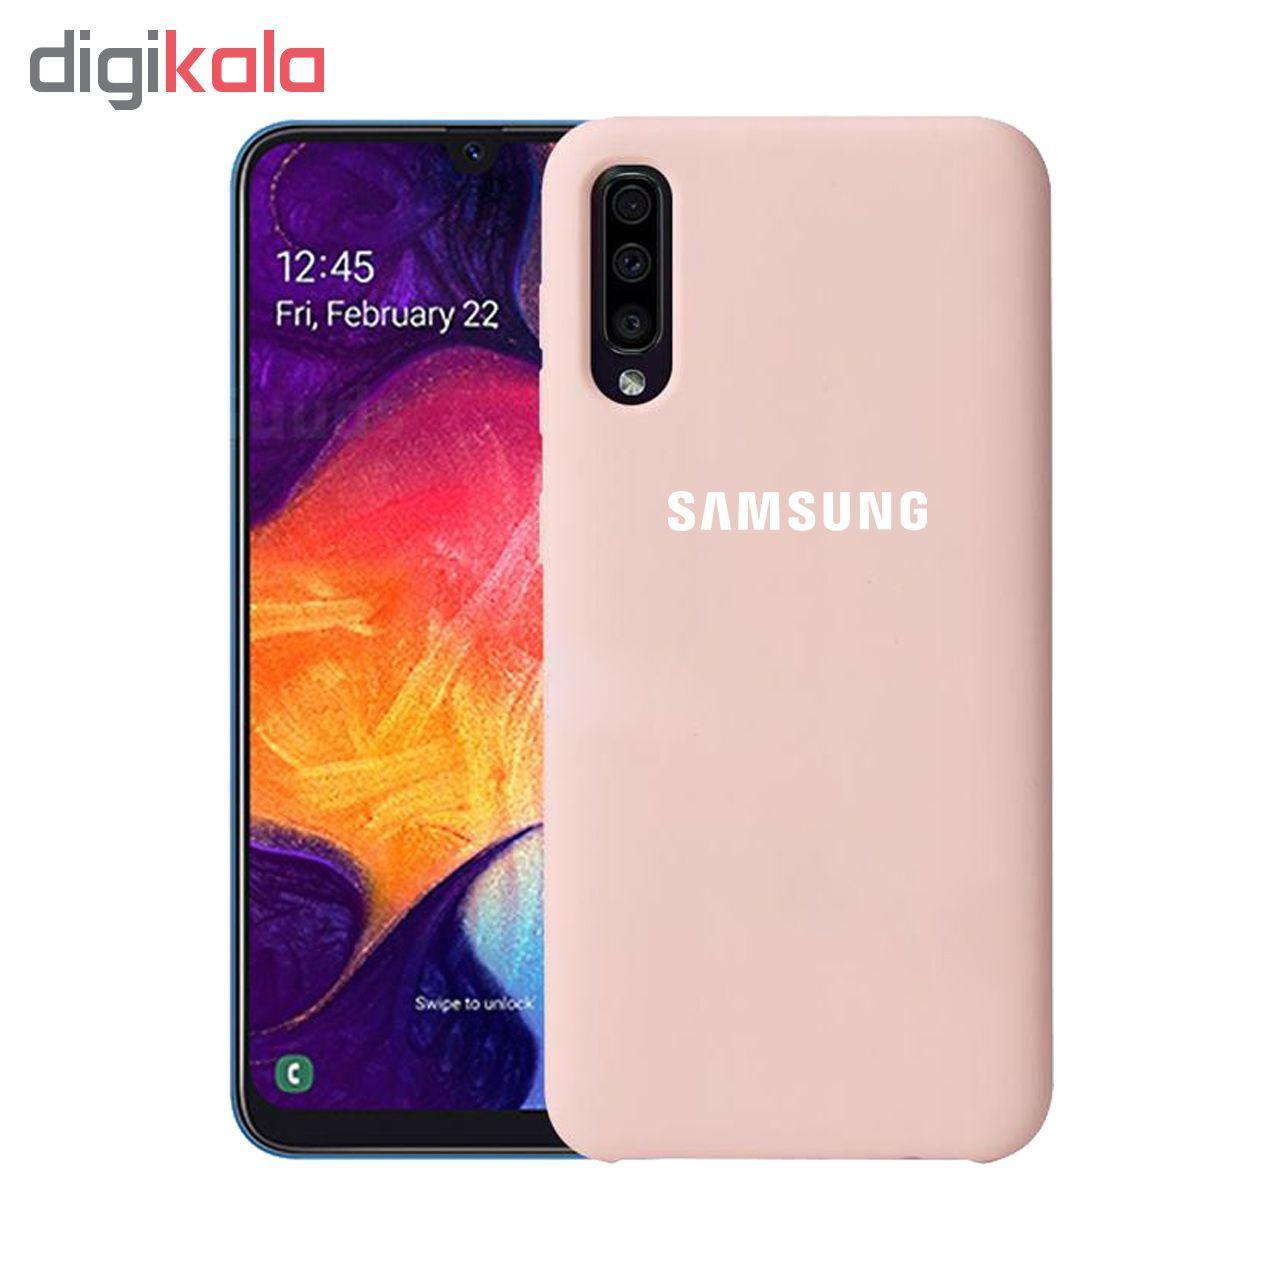 کاور سیلیکونی مدل Silky soft-touch مناسب برای گوشی موبایل سامسونگ Galaxy A50 main 1 5